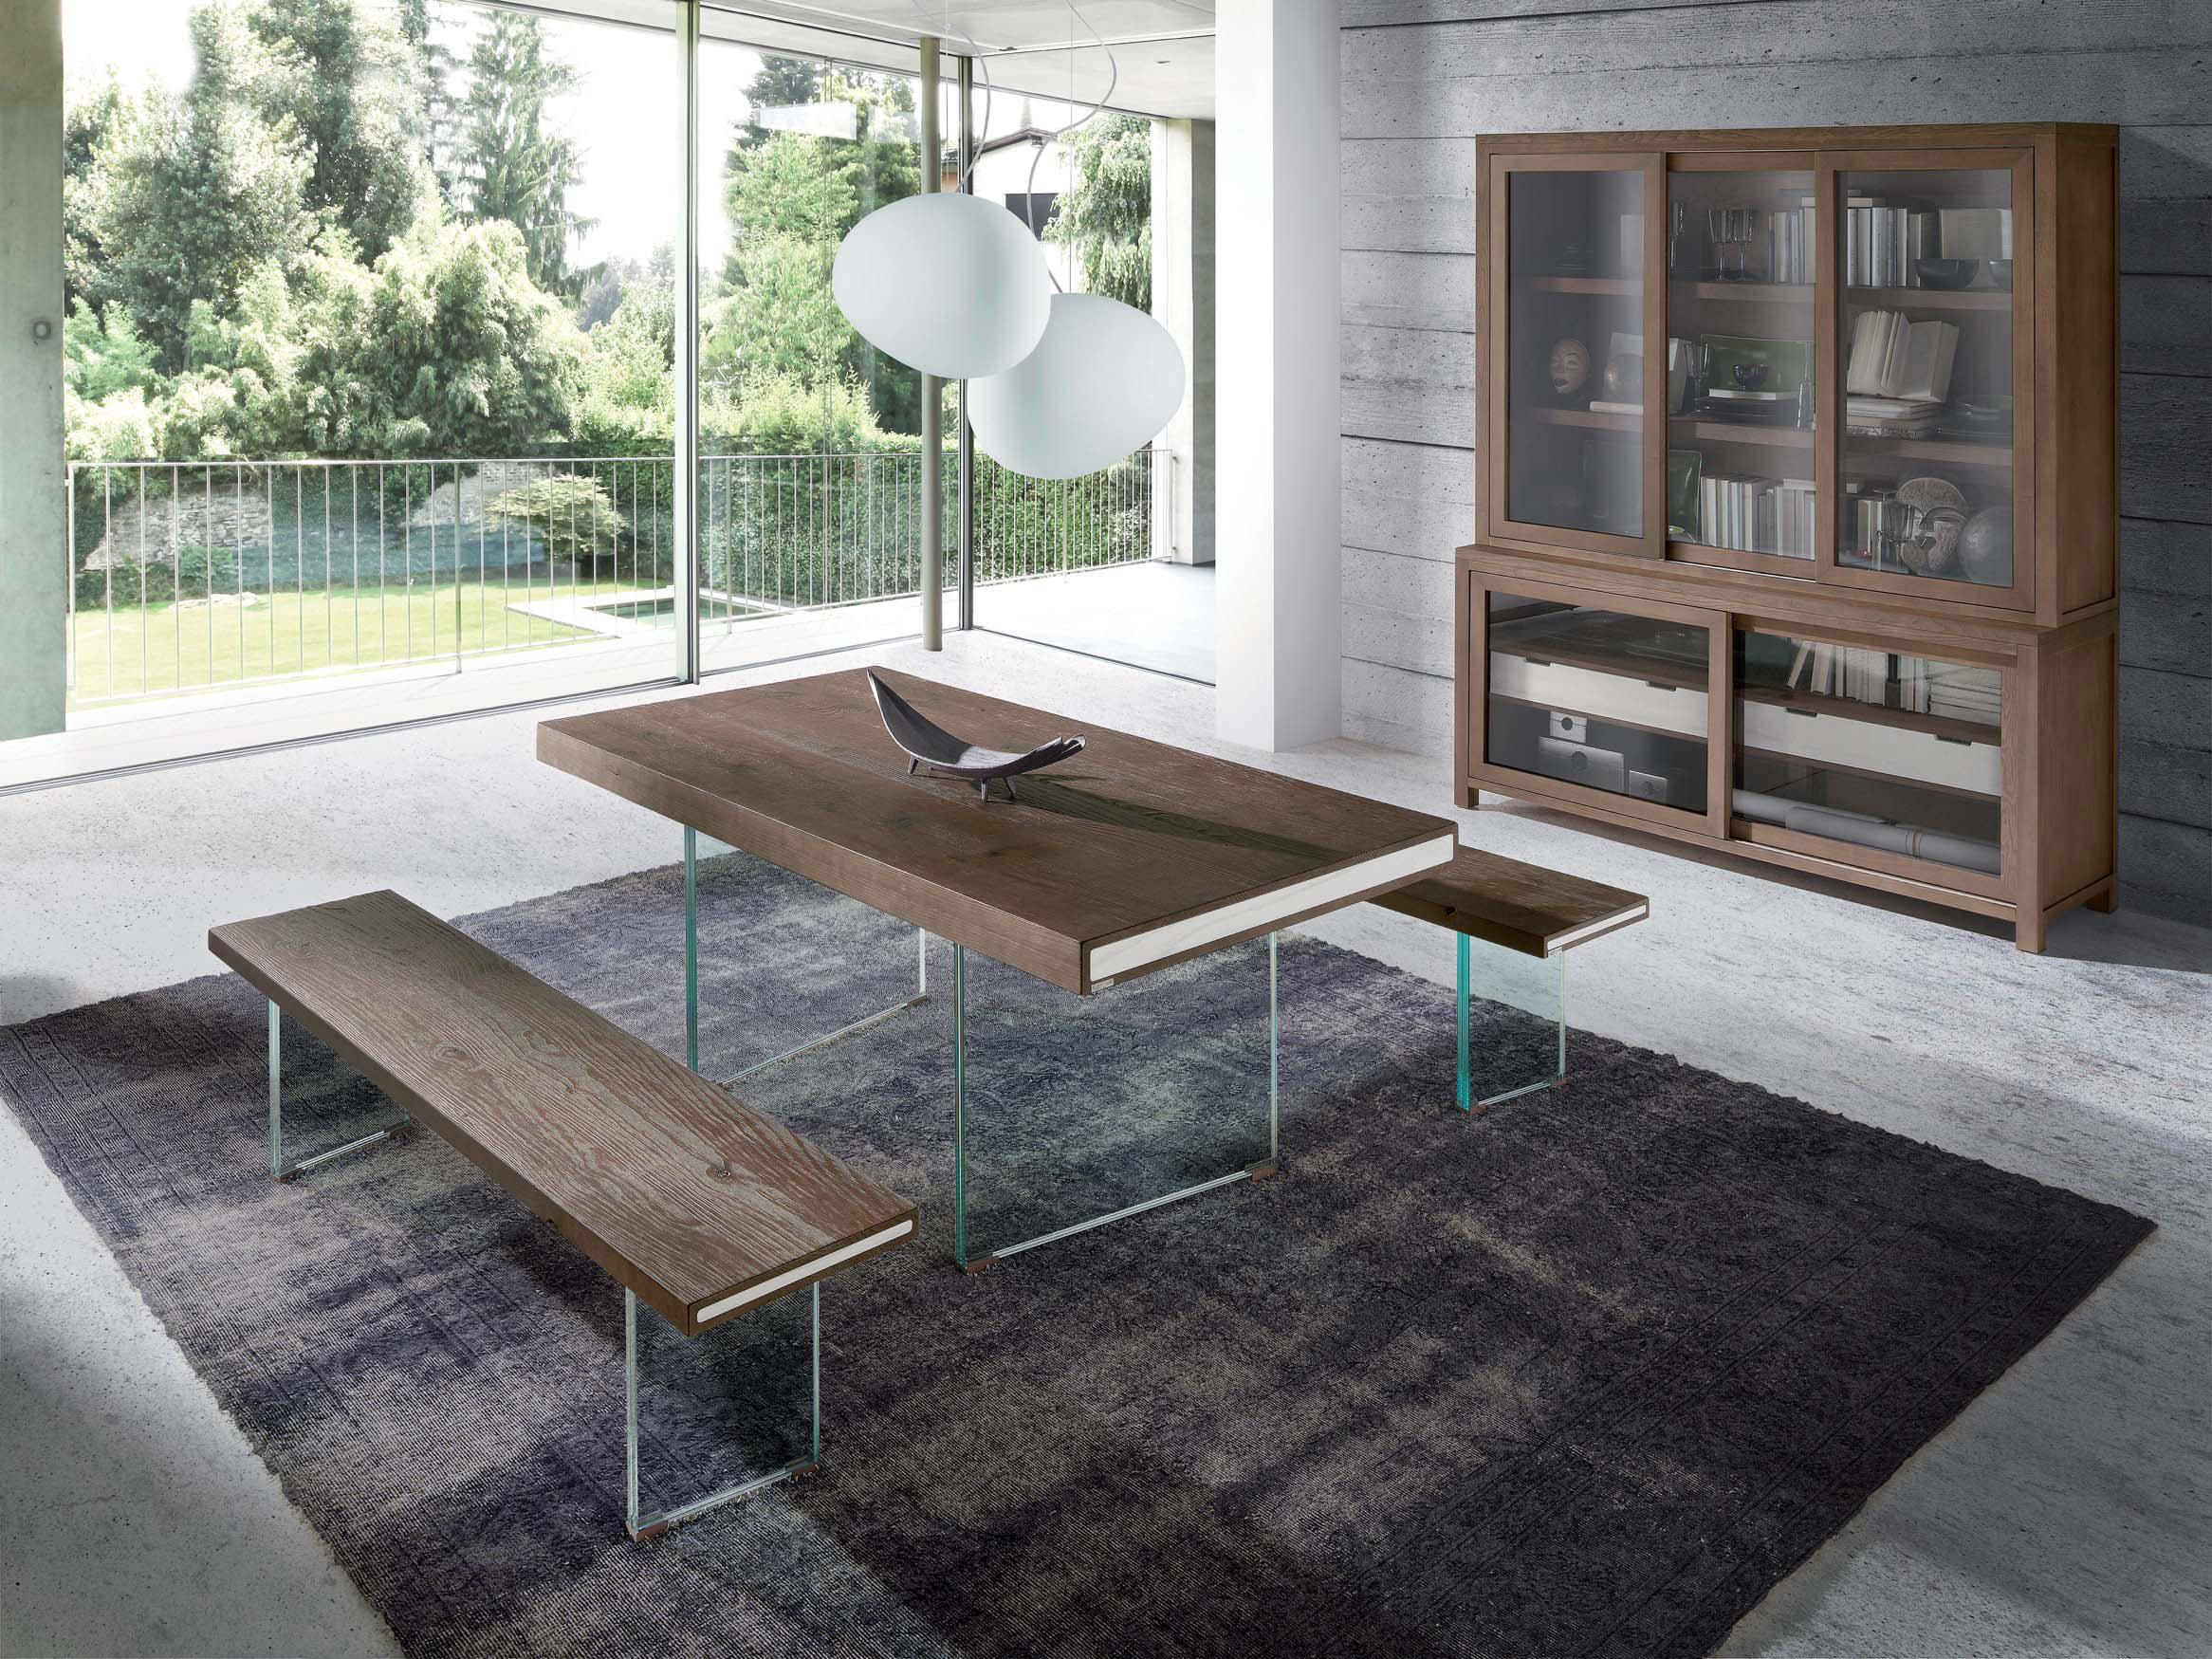 Mesas comedor con aire r stico villalba interiorismo - Patas conicas para mesas ...